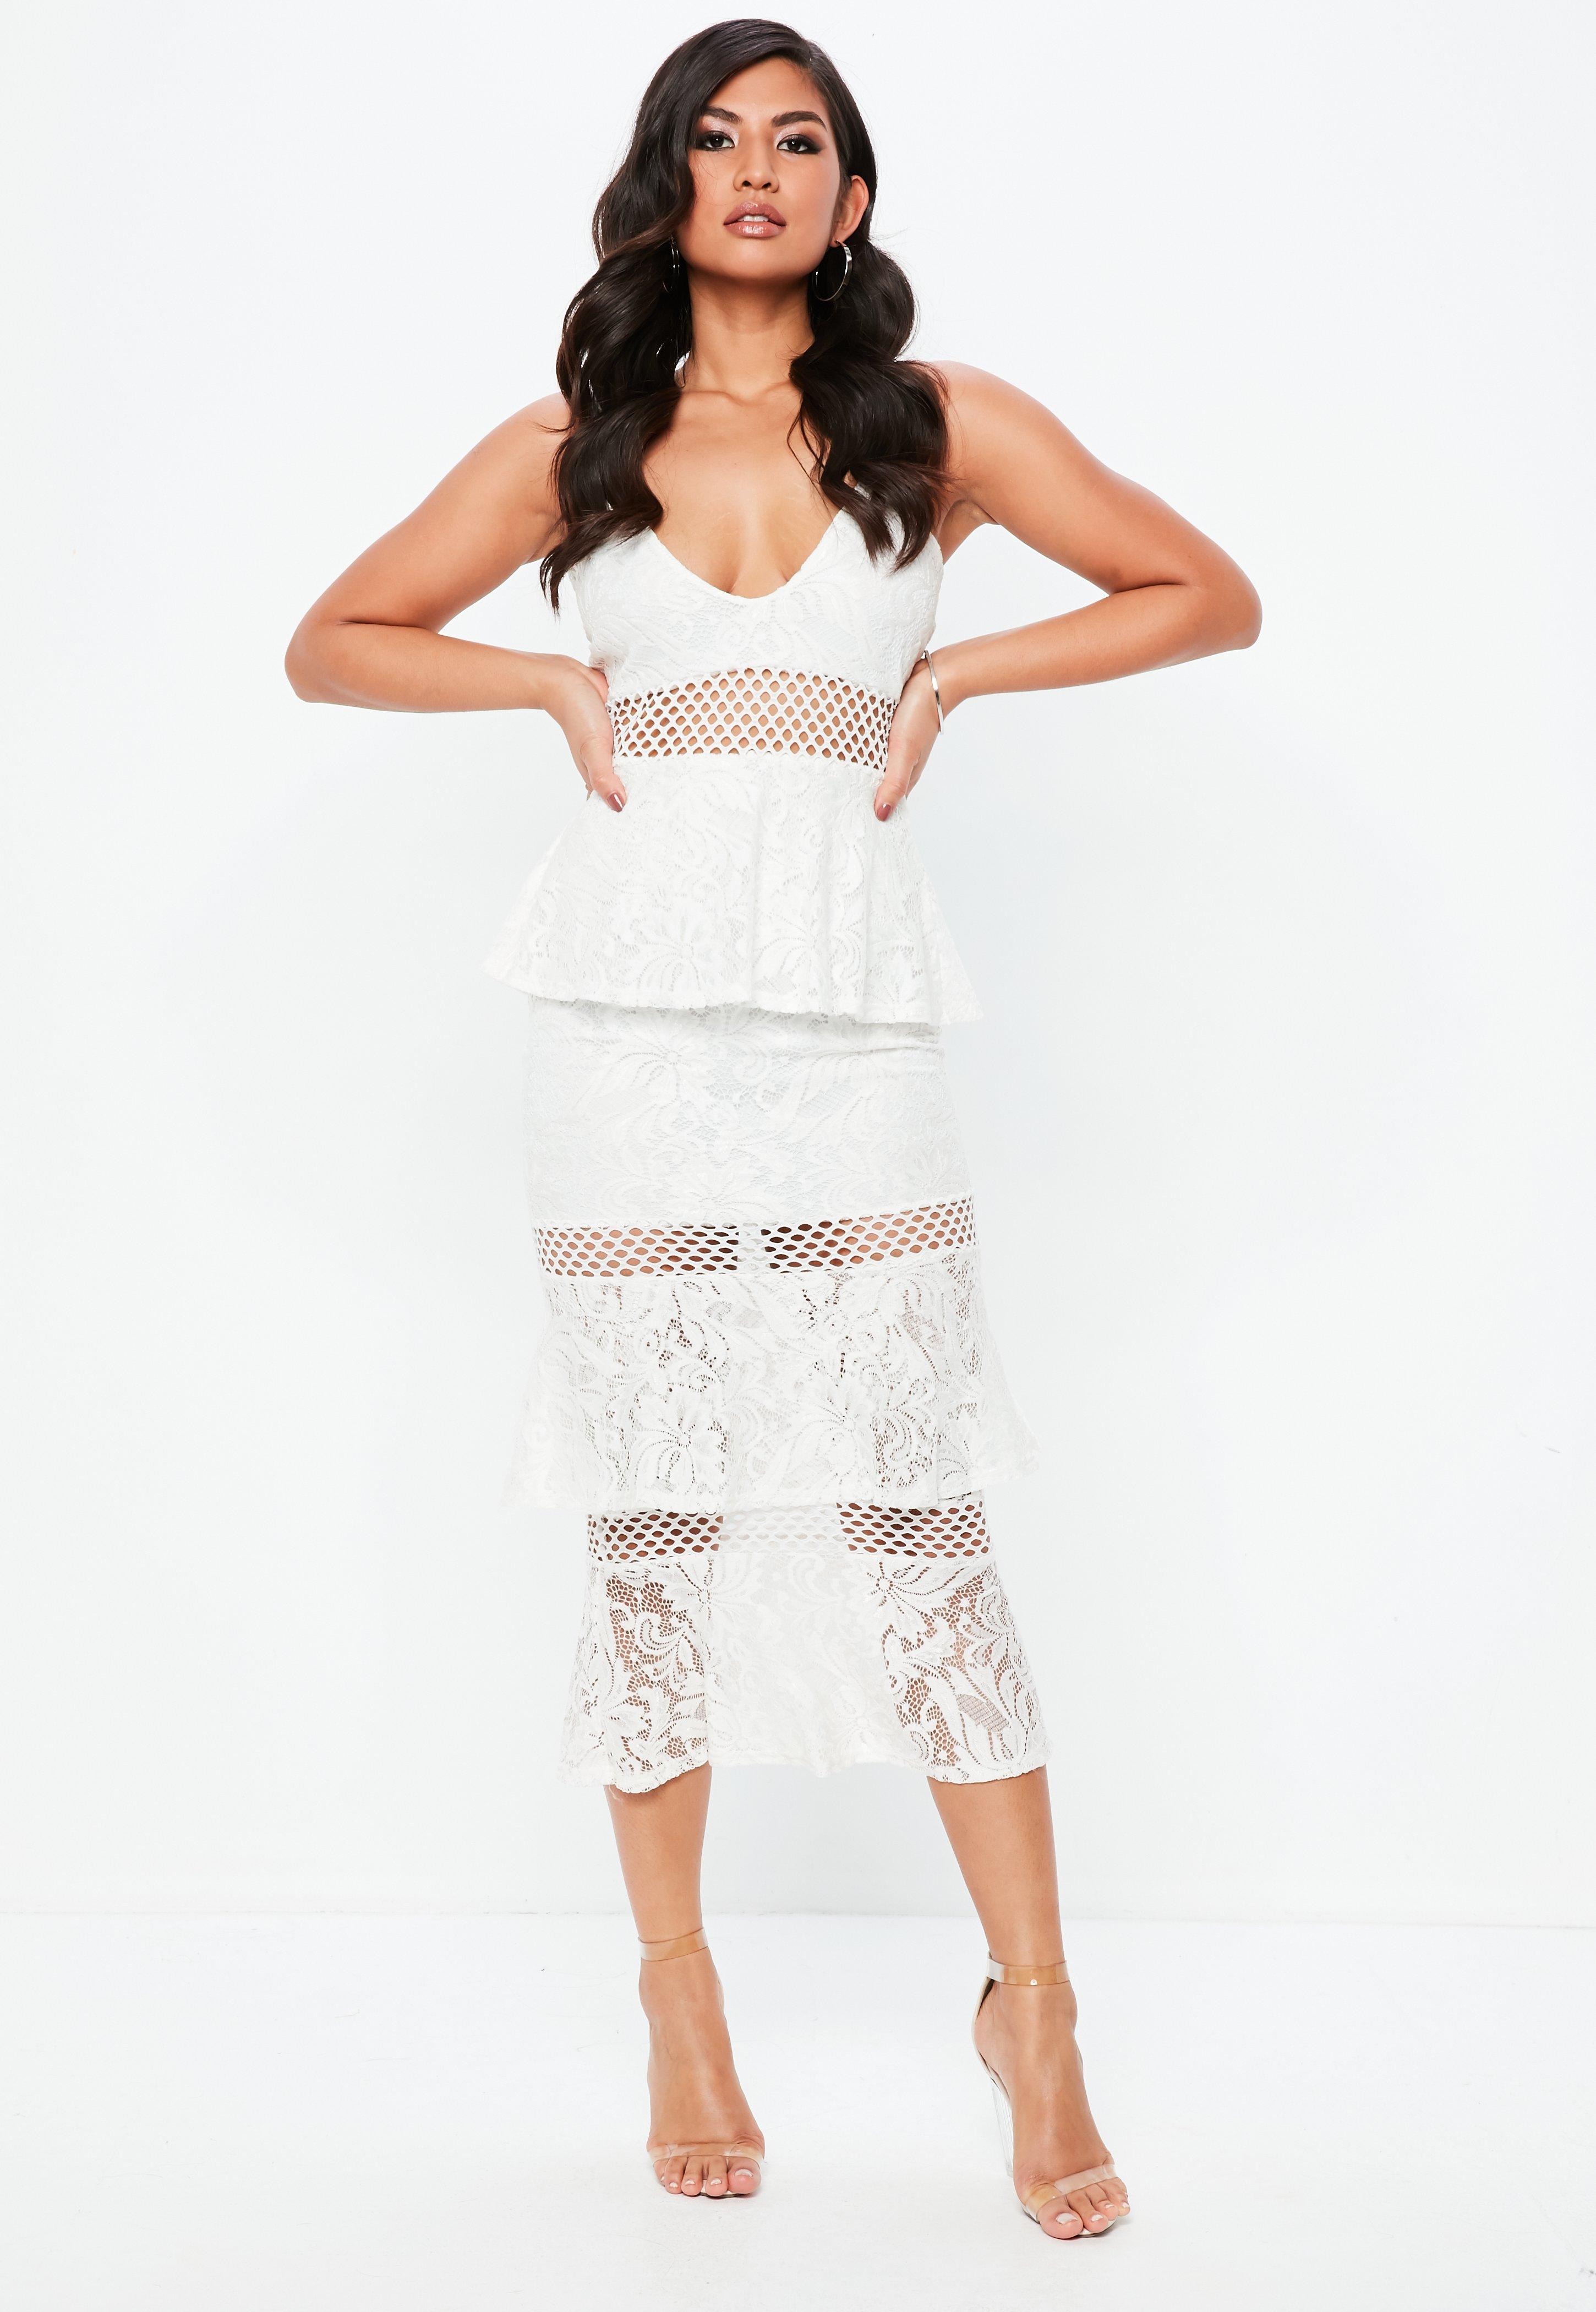 Weiße Kleider   Kurze weiße Kleider - Missguided DE